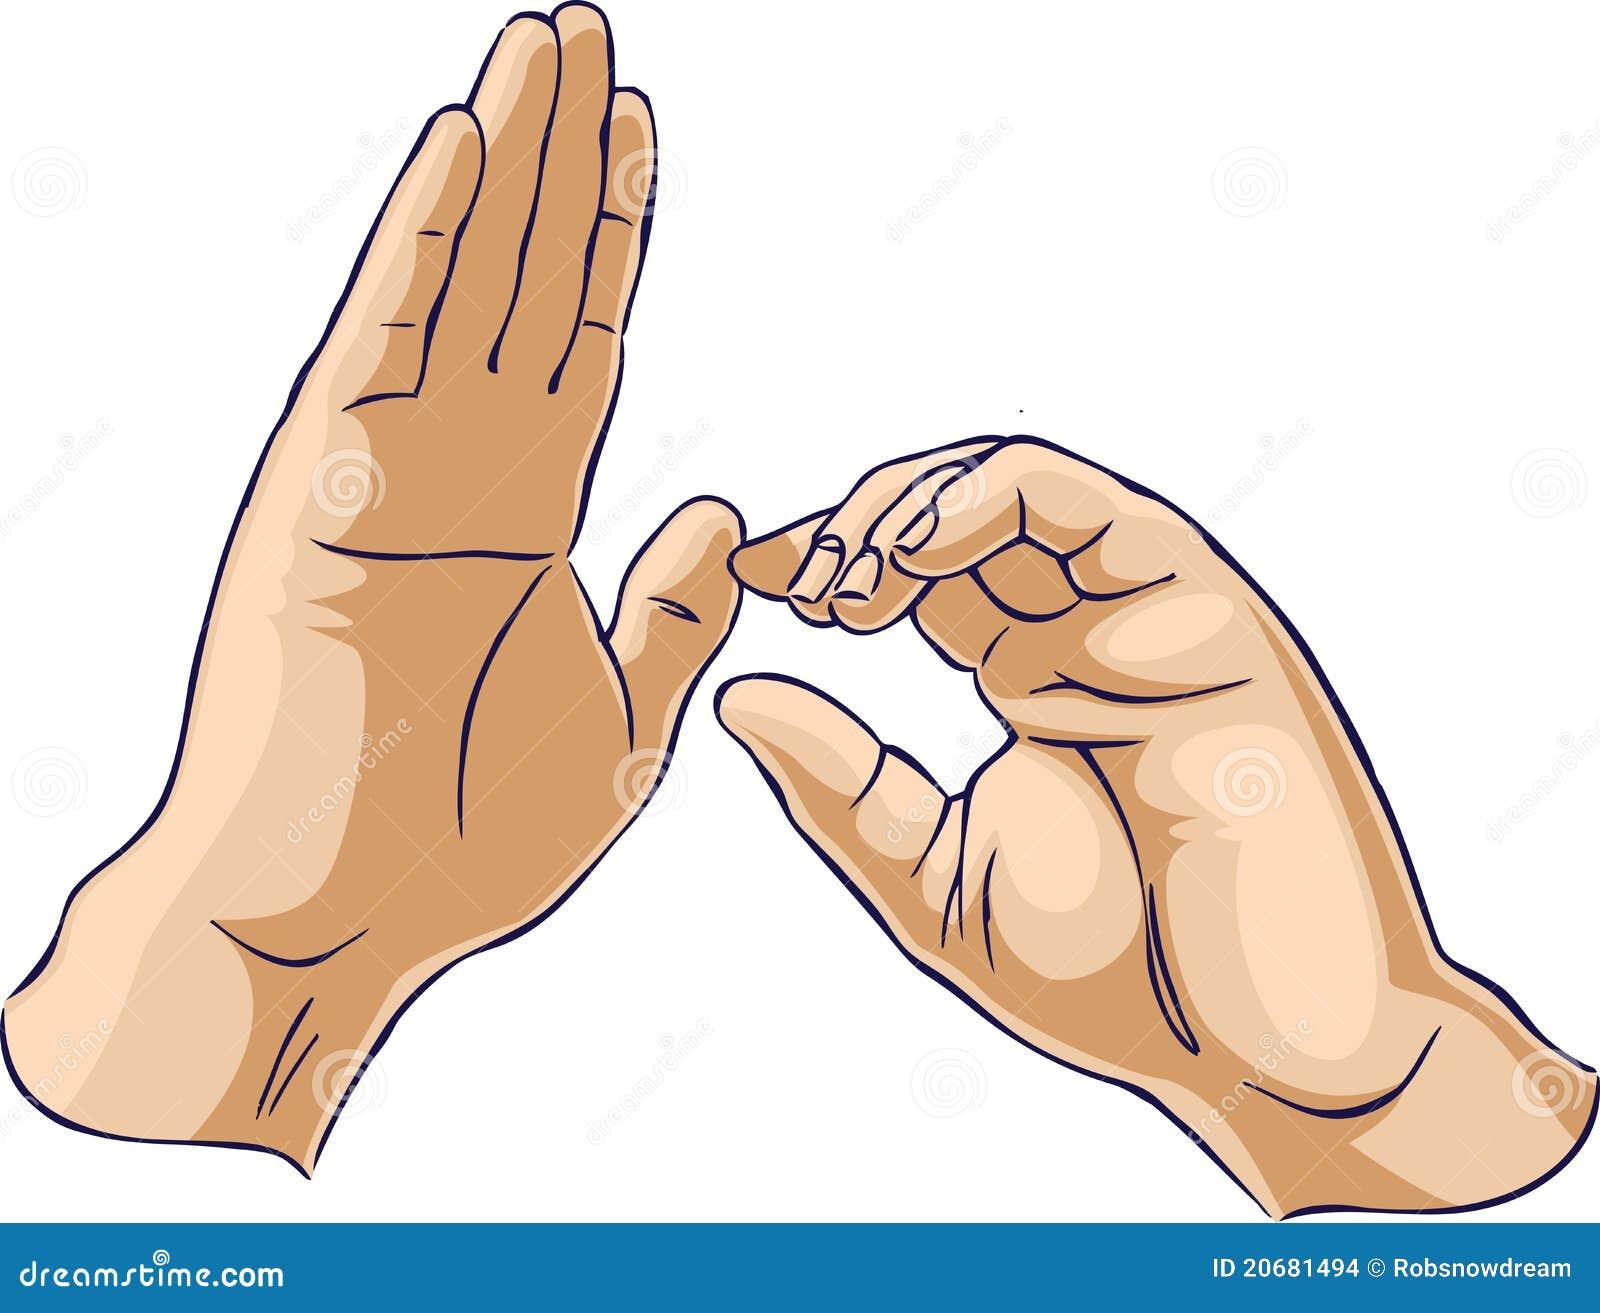 Mani che mostrano un gesto di trazione